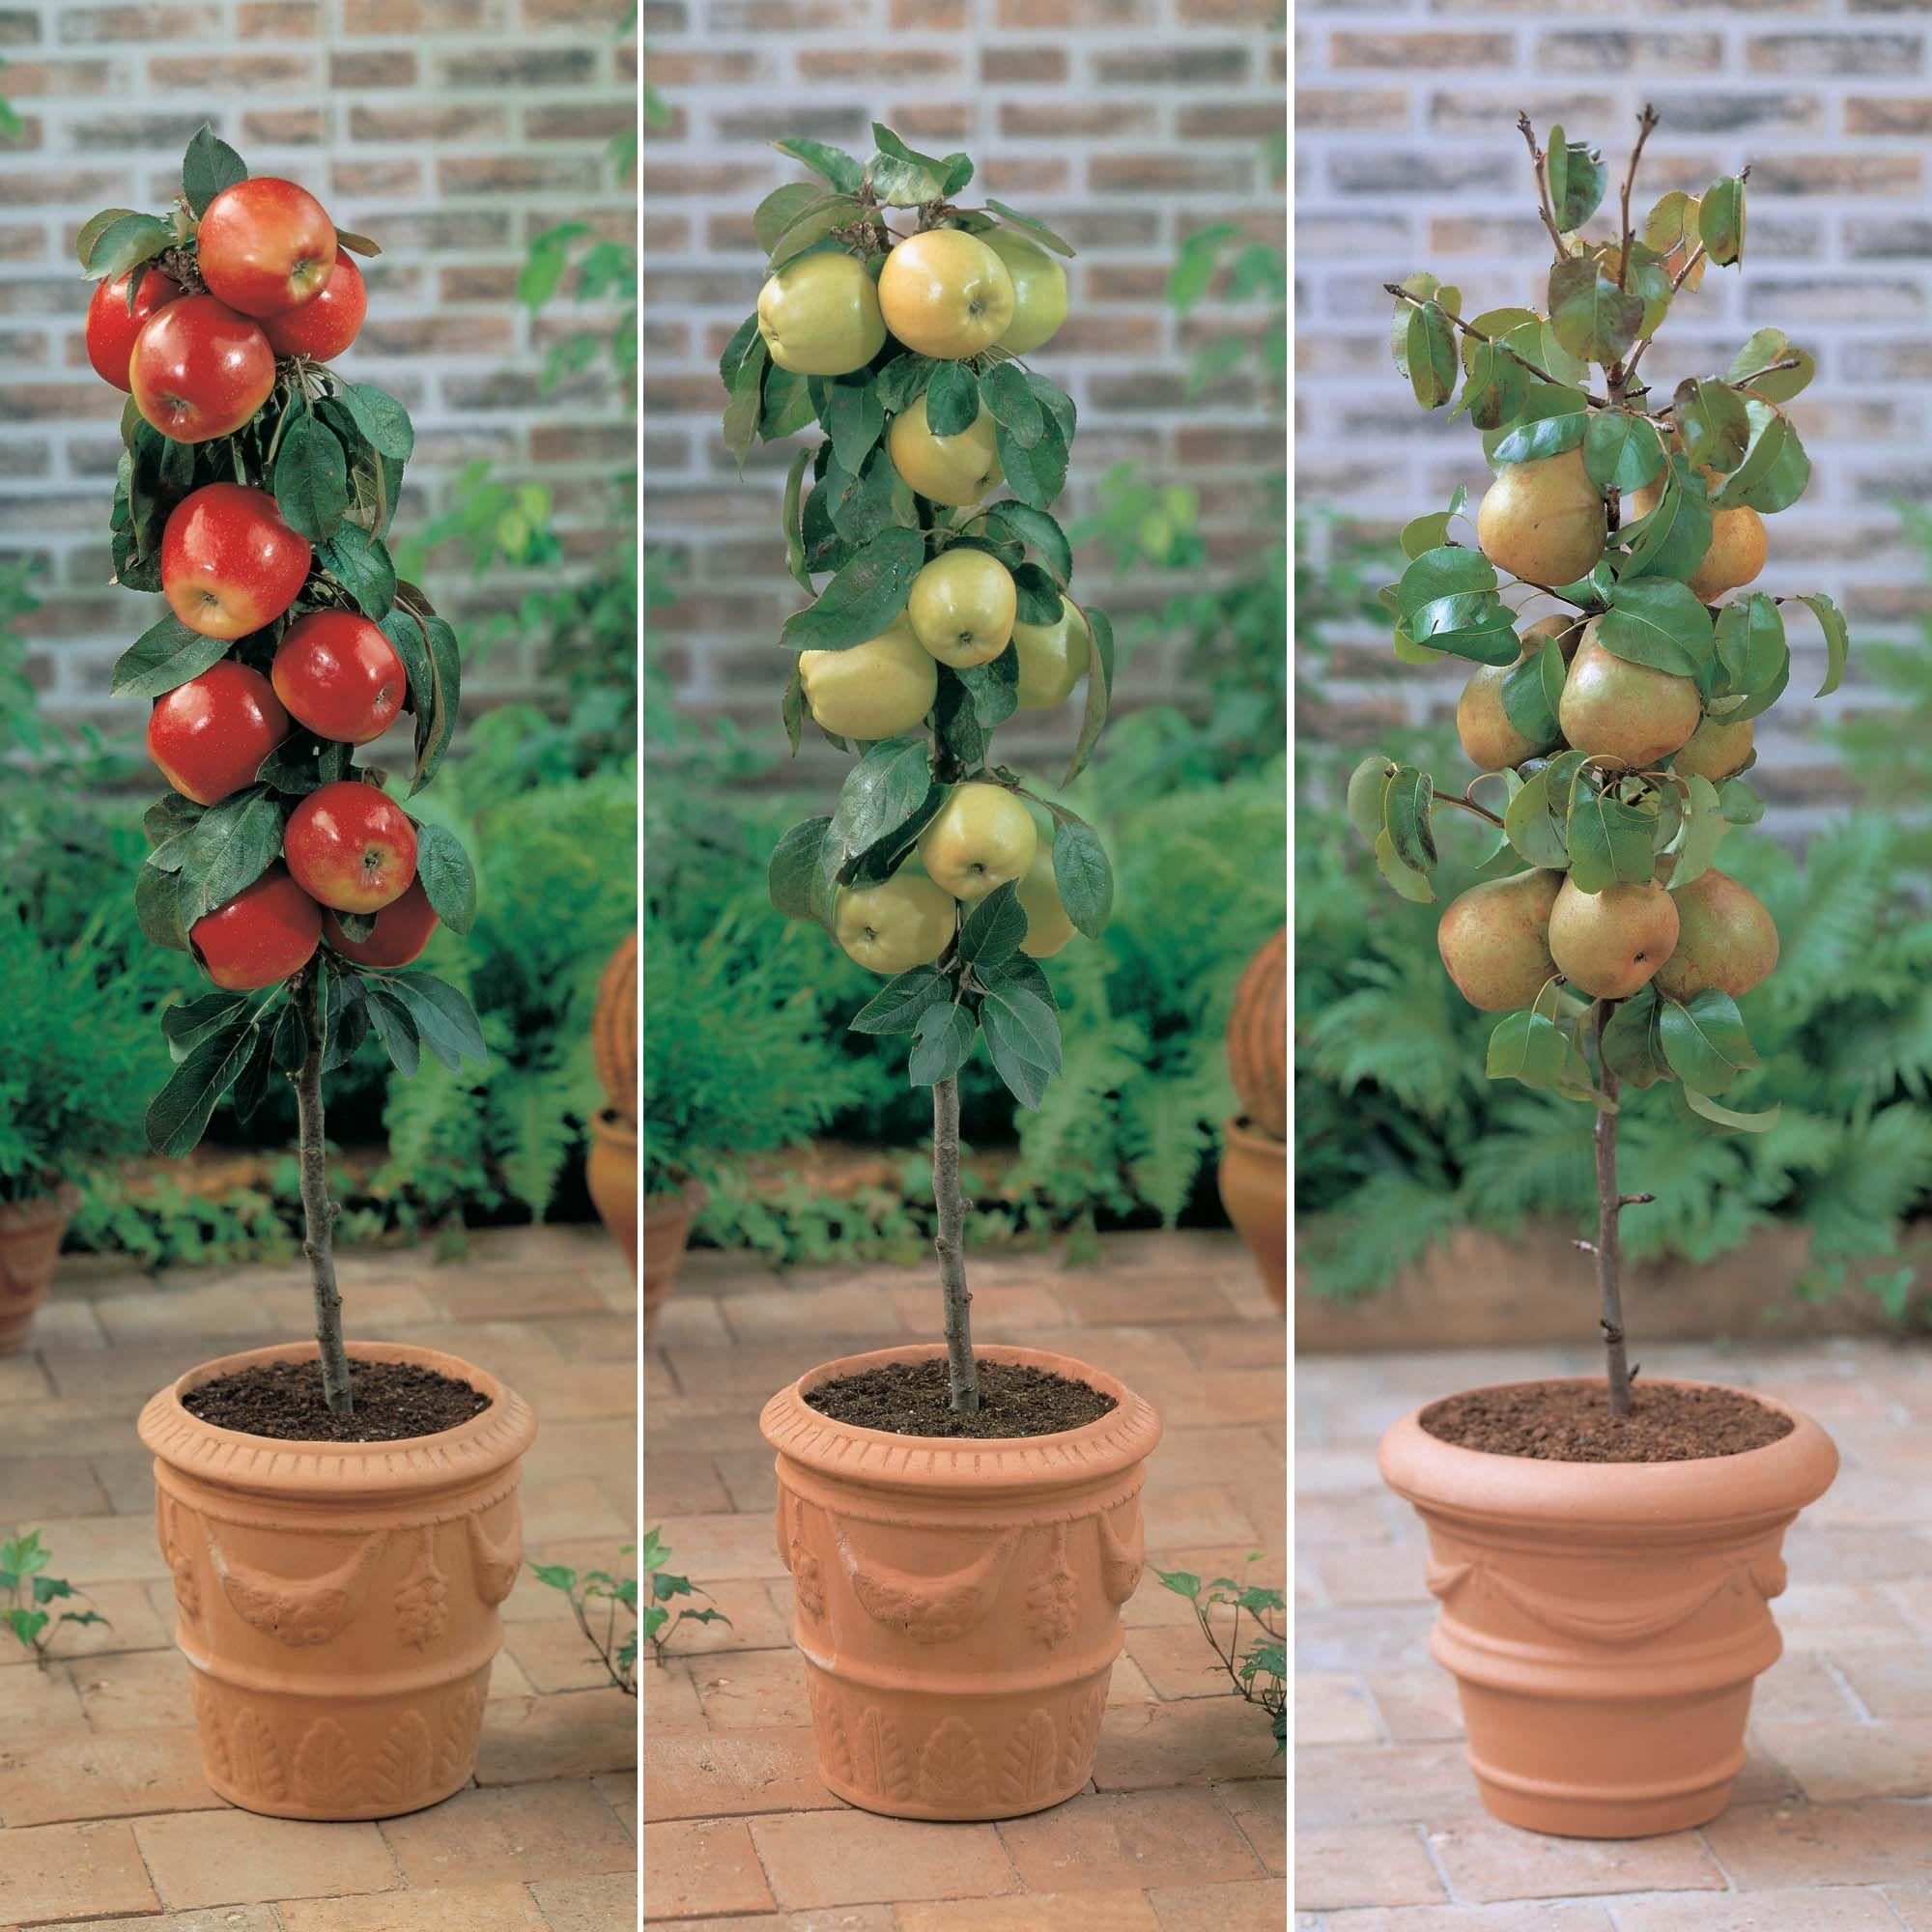 Pin By Jennifer S Boards On Food Garden Fruit Trees Fruit Garden Pear Trees